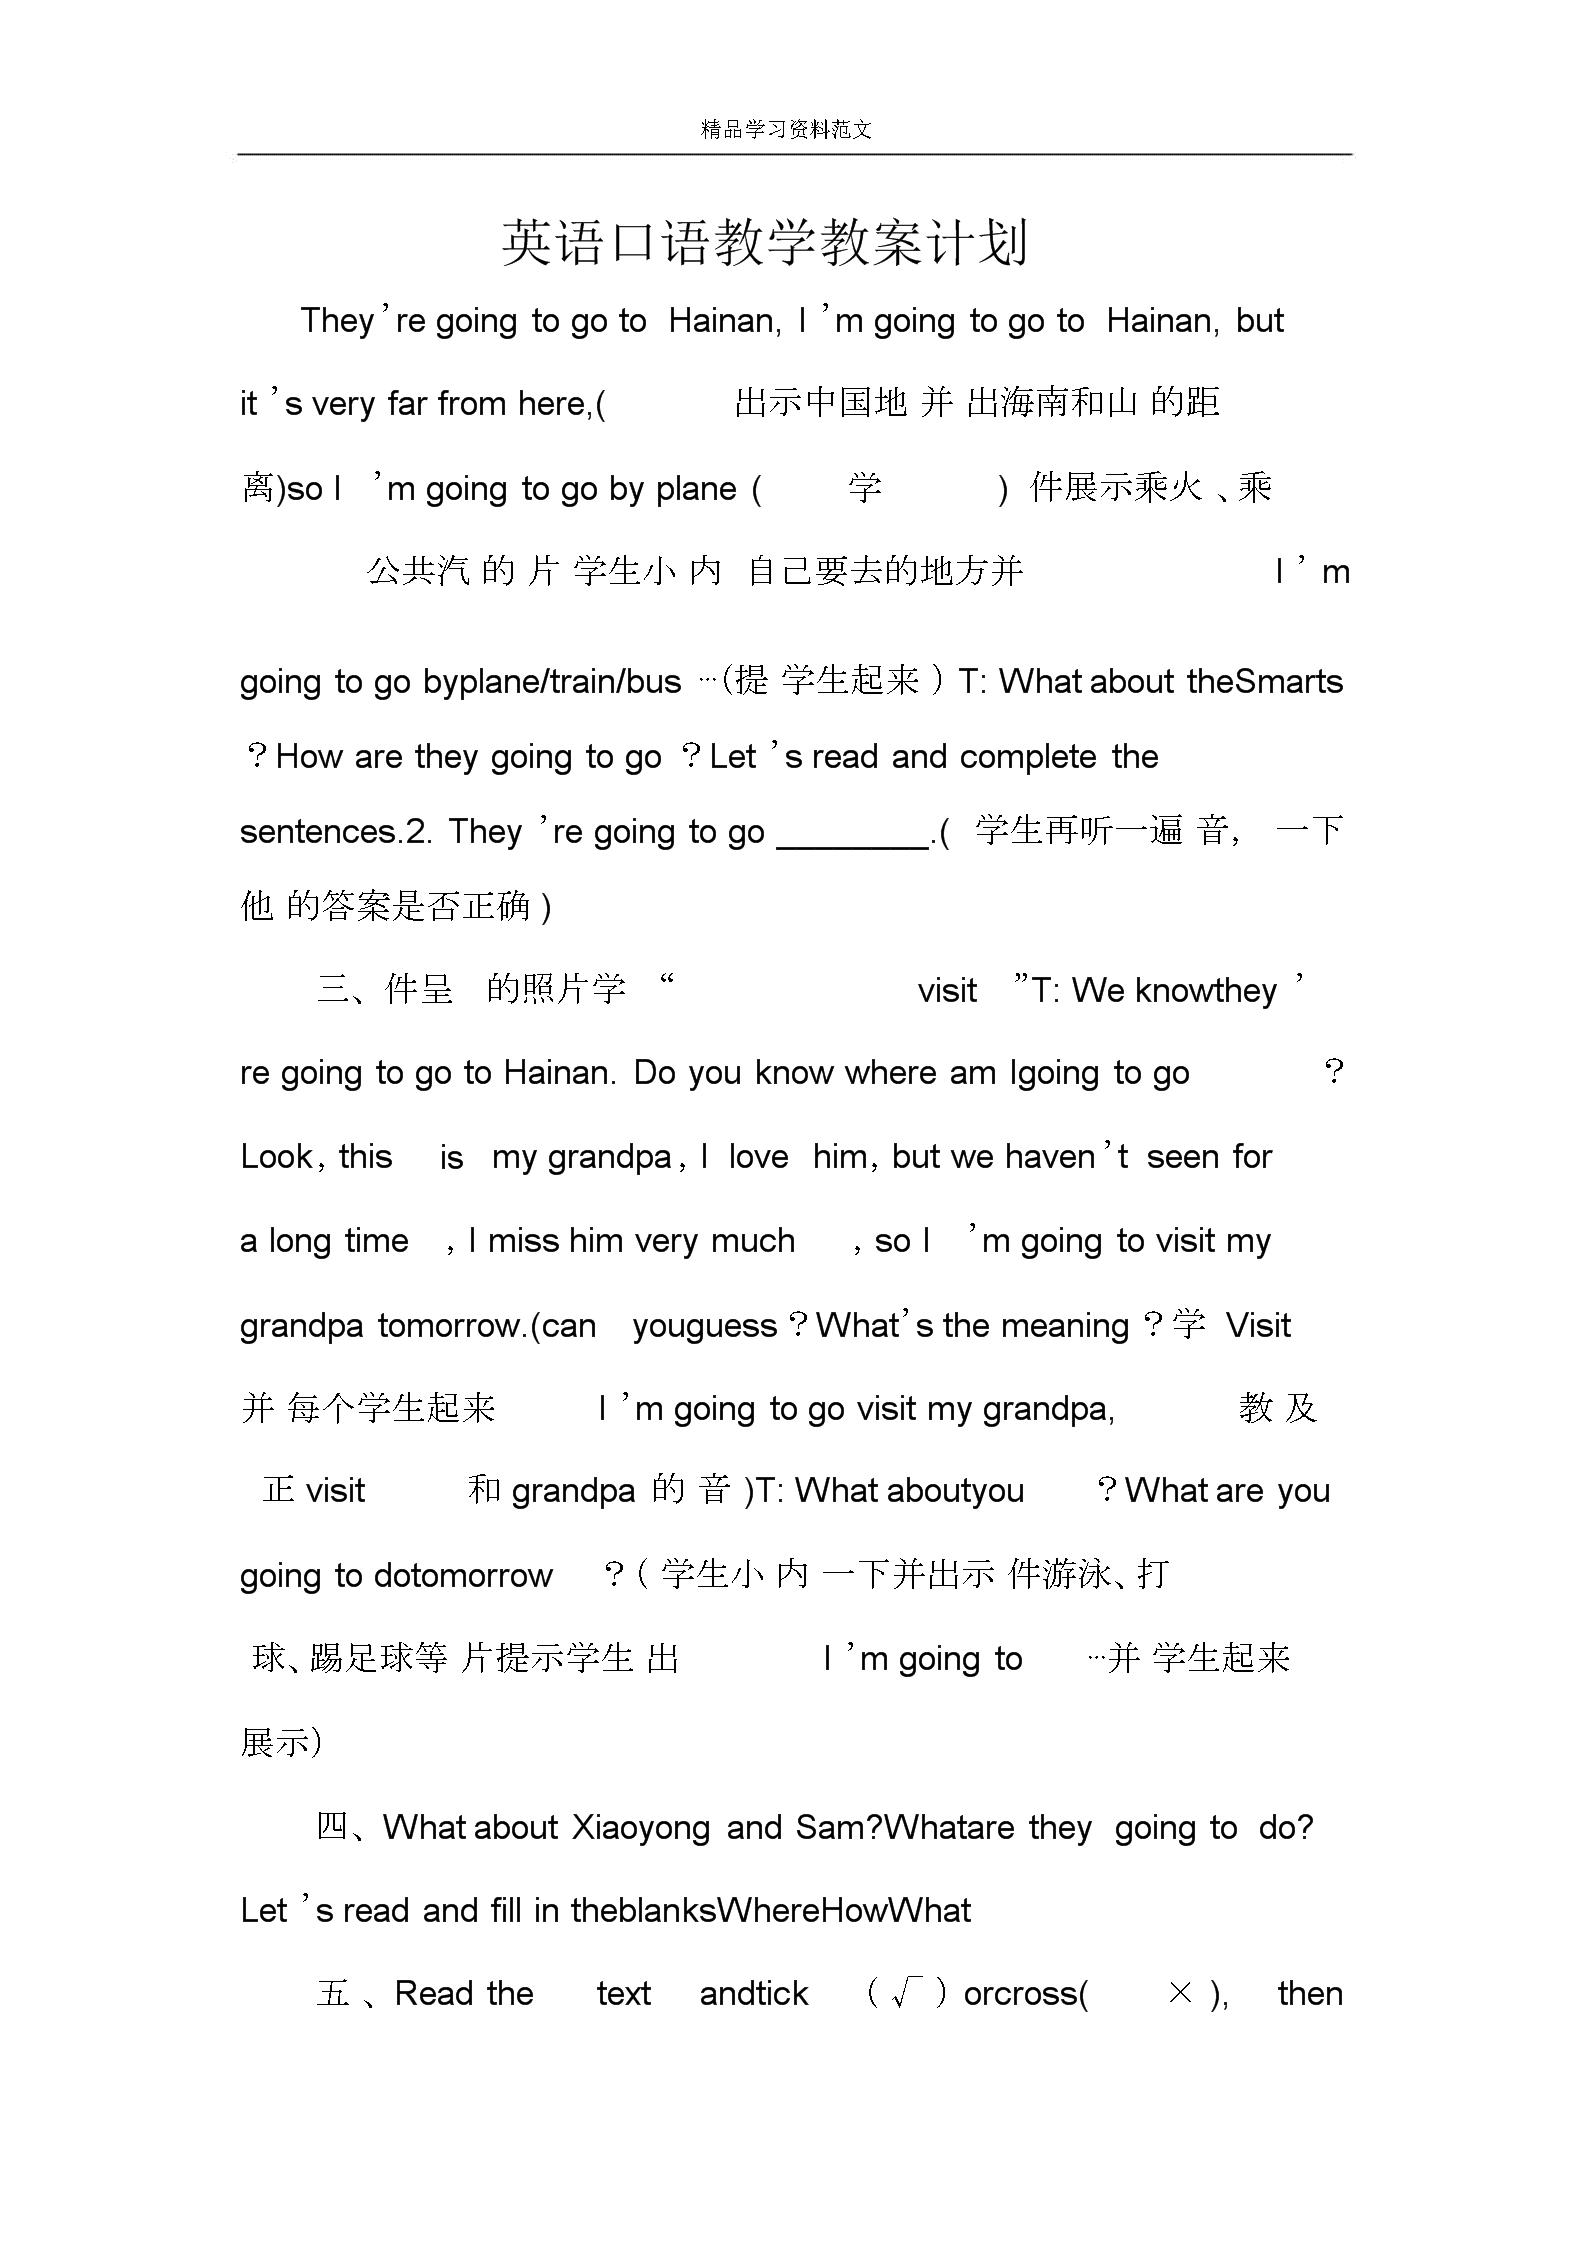 英语口语学习教学学习教案计划.docx